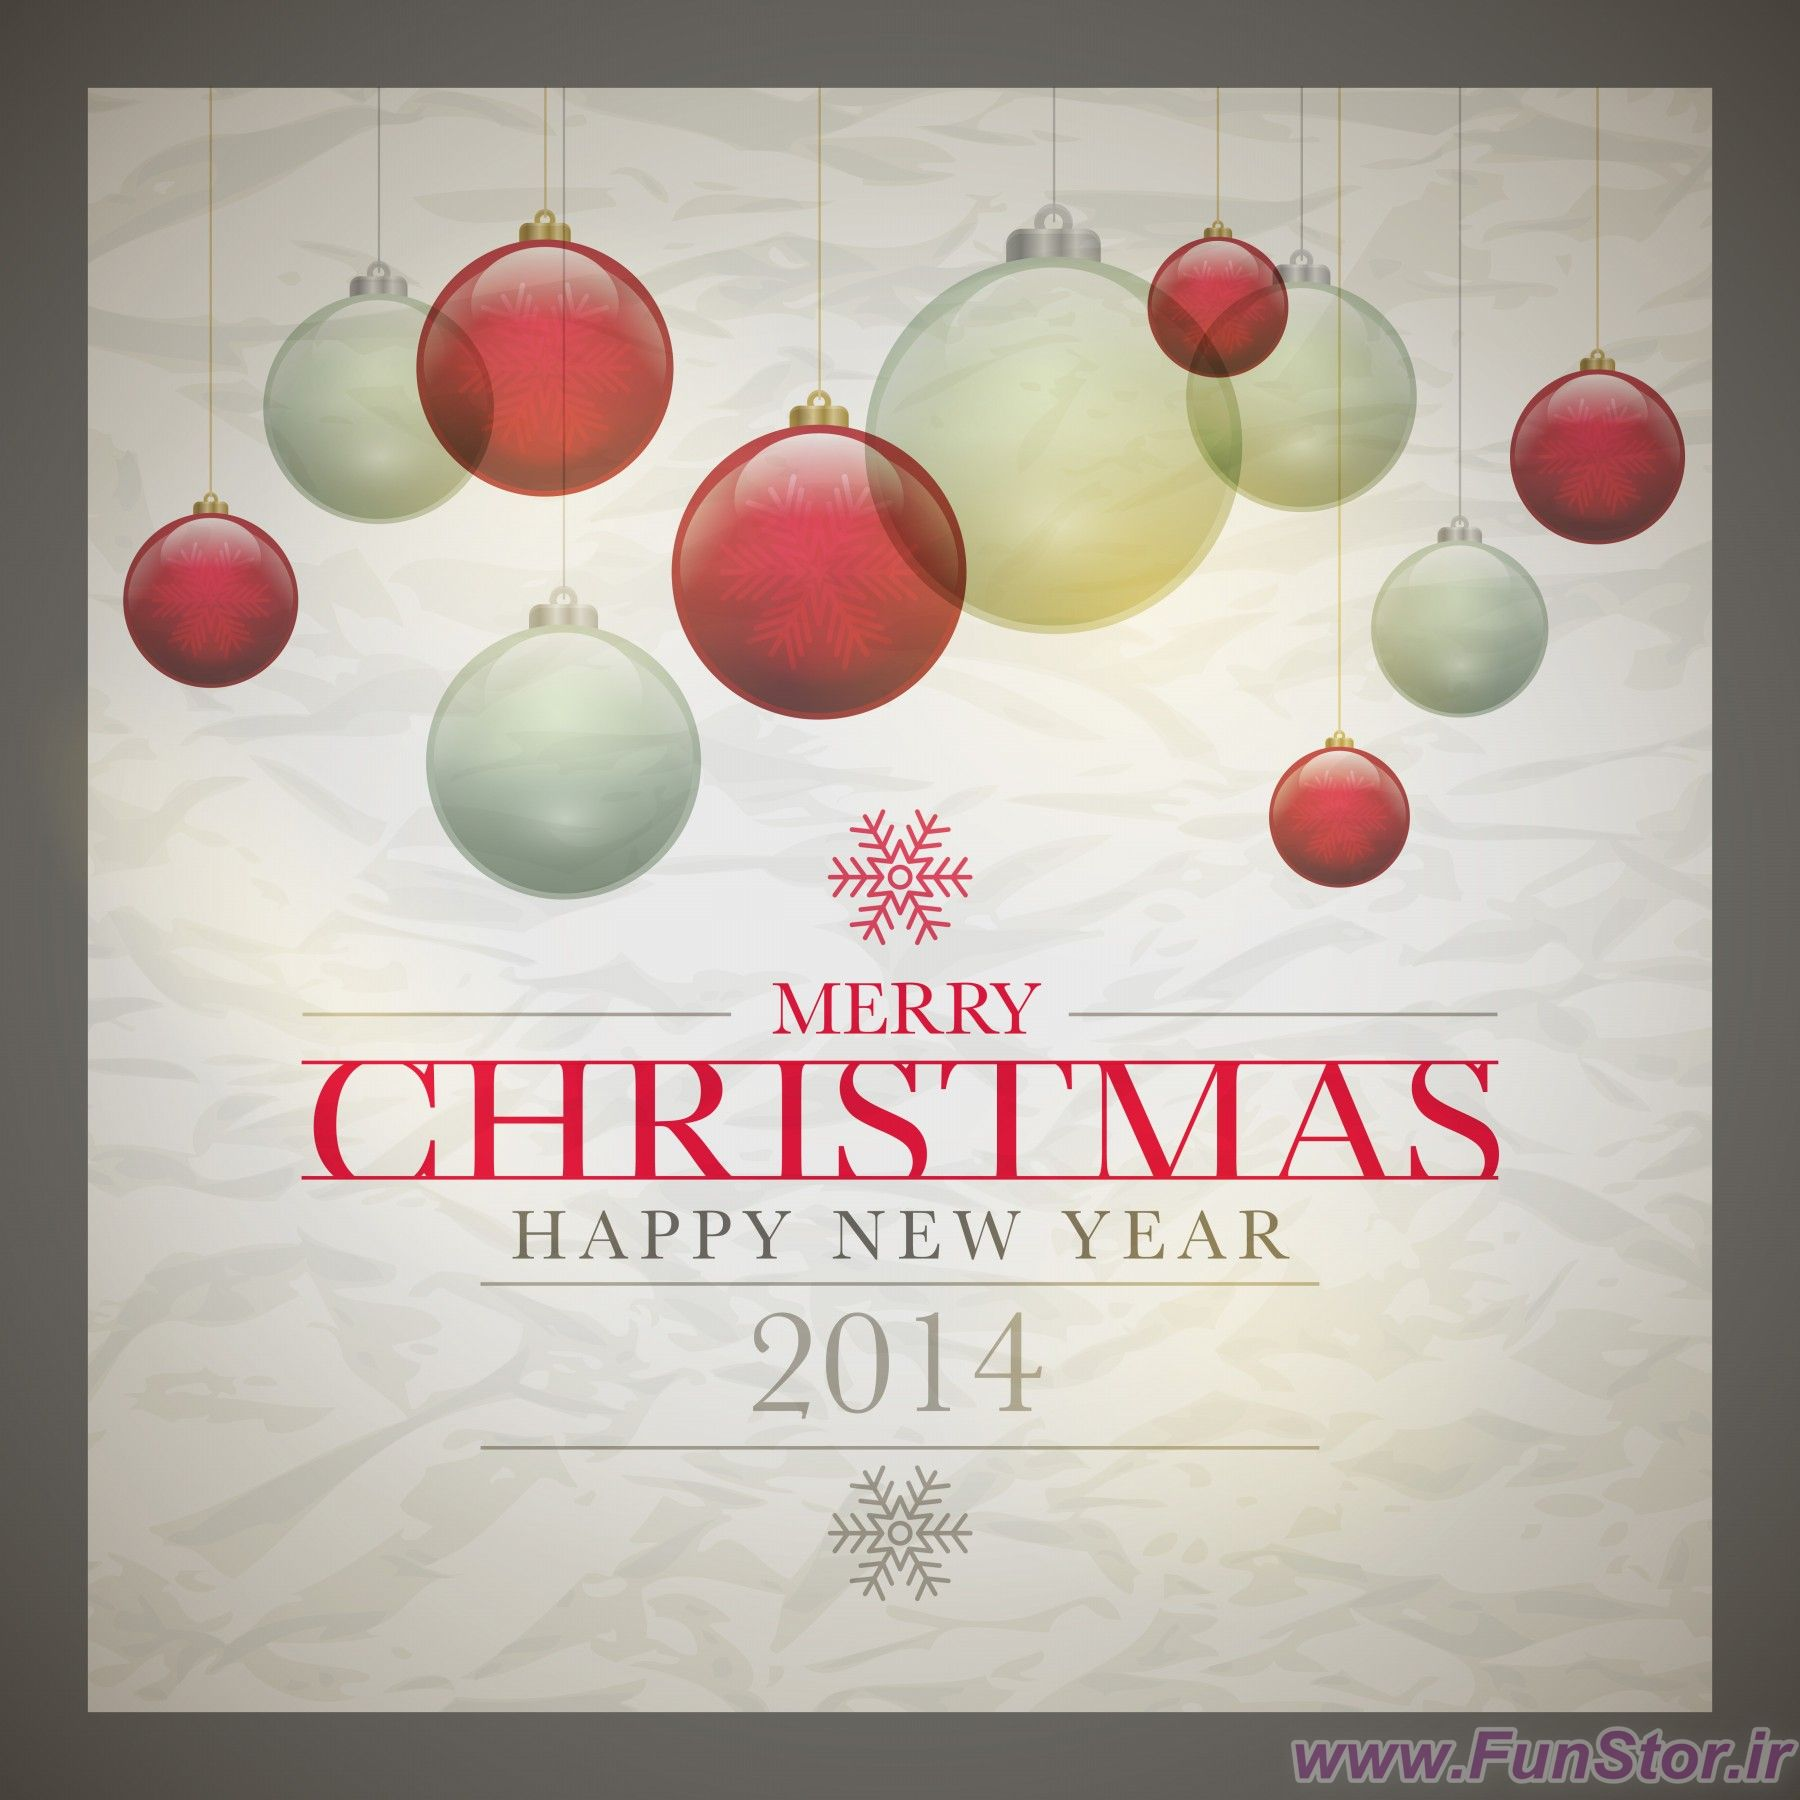 کارت پستال های کریسمس